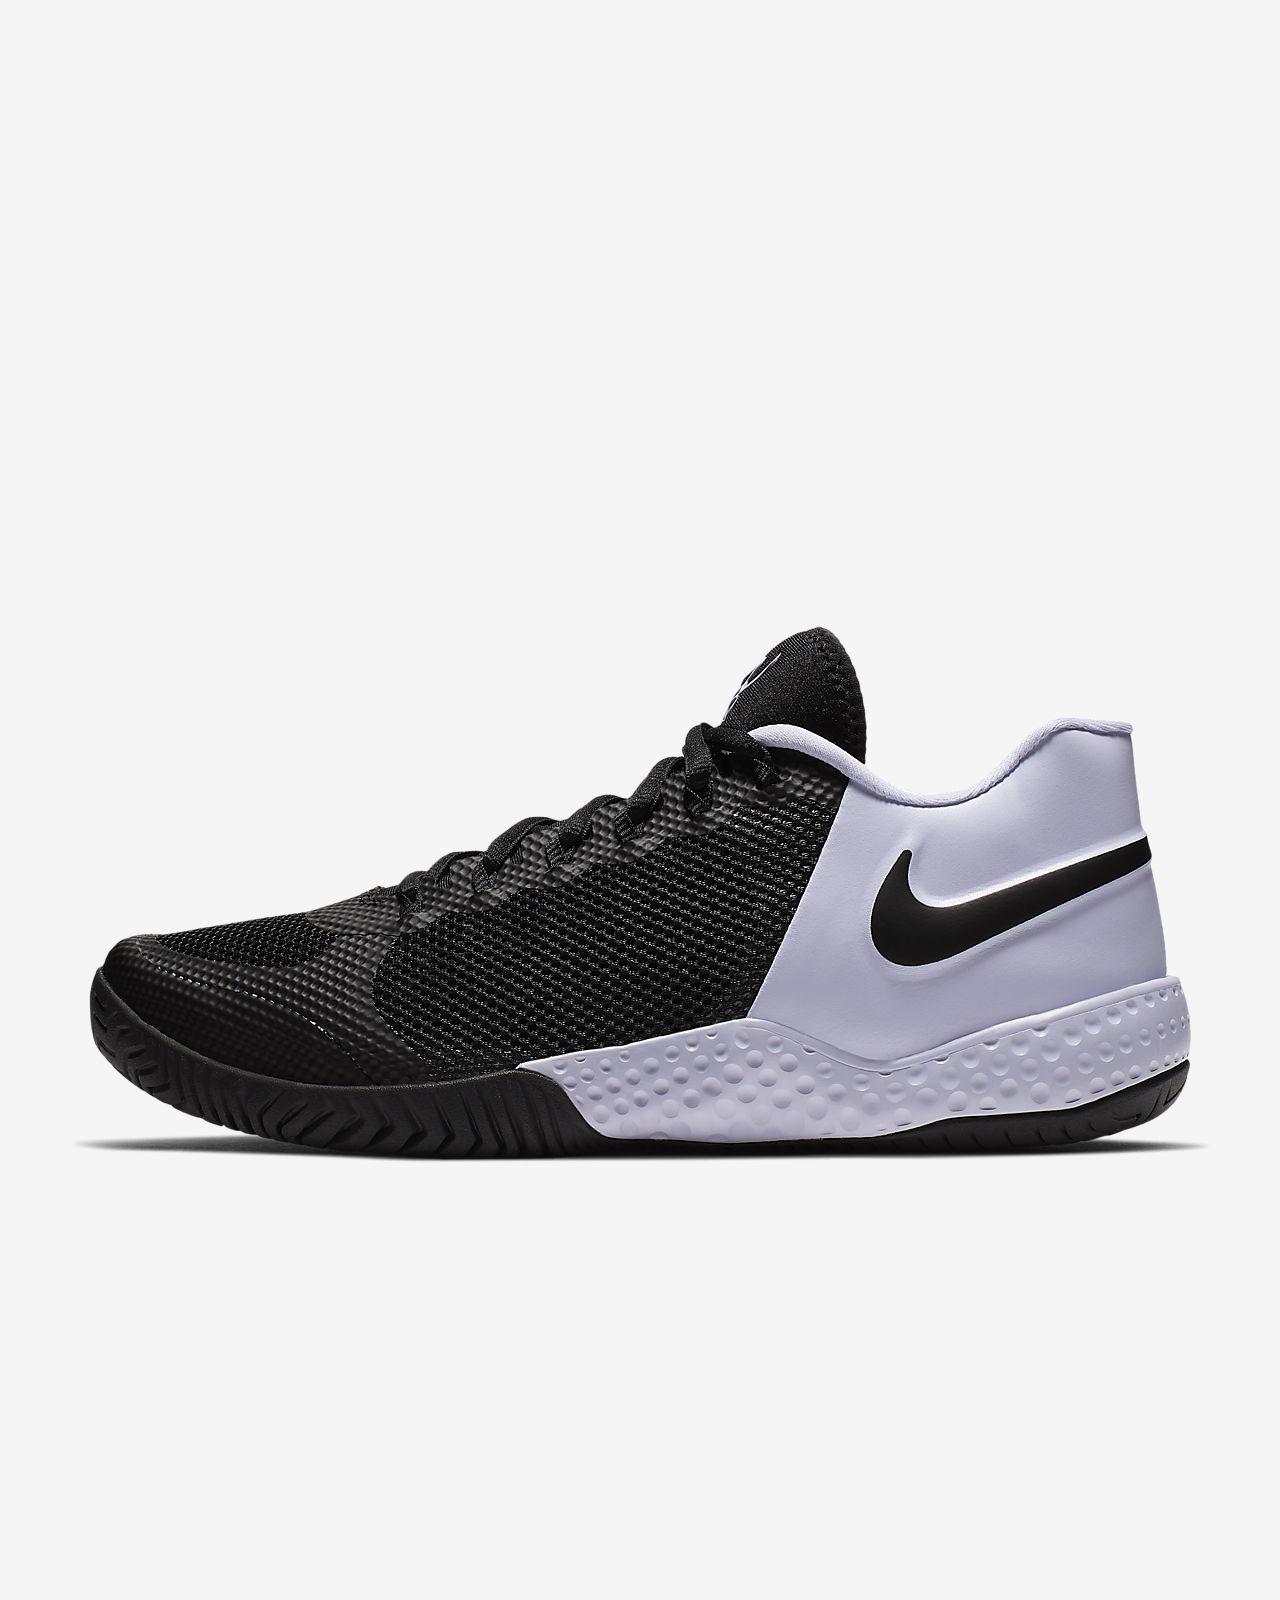 online retailer 36d80 d0ebf Women s Hard Court Tennis Shoe. NikeCourt Flare 2